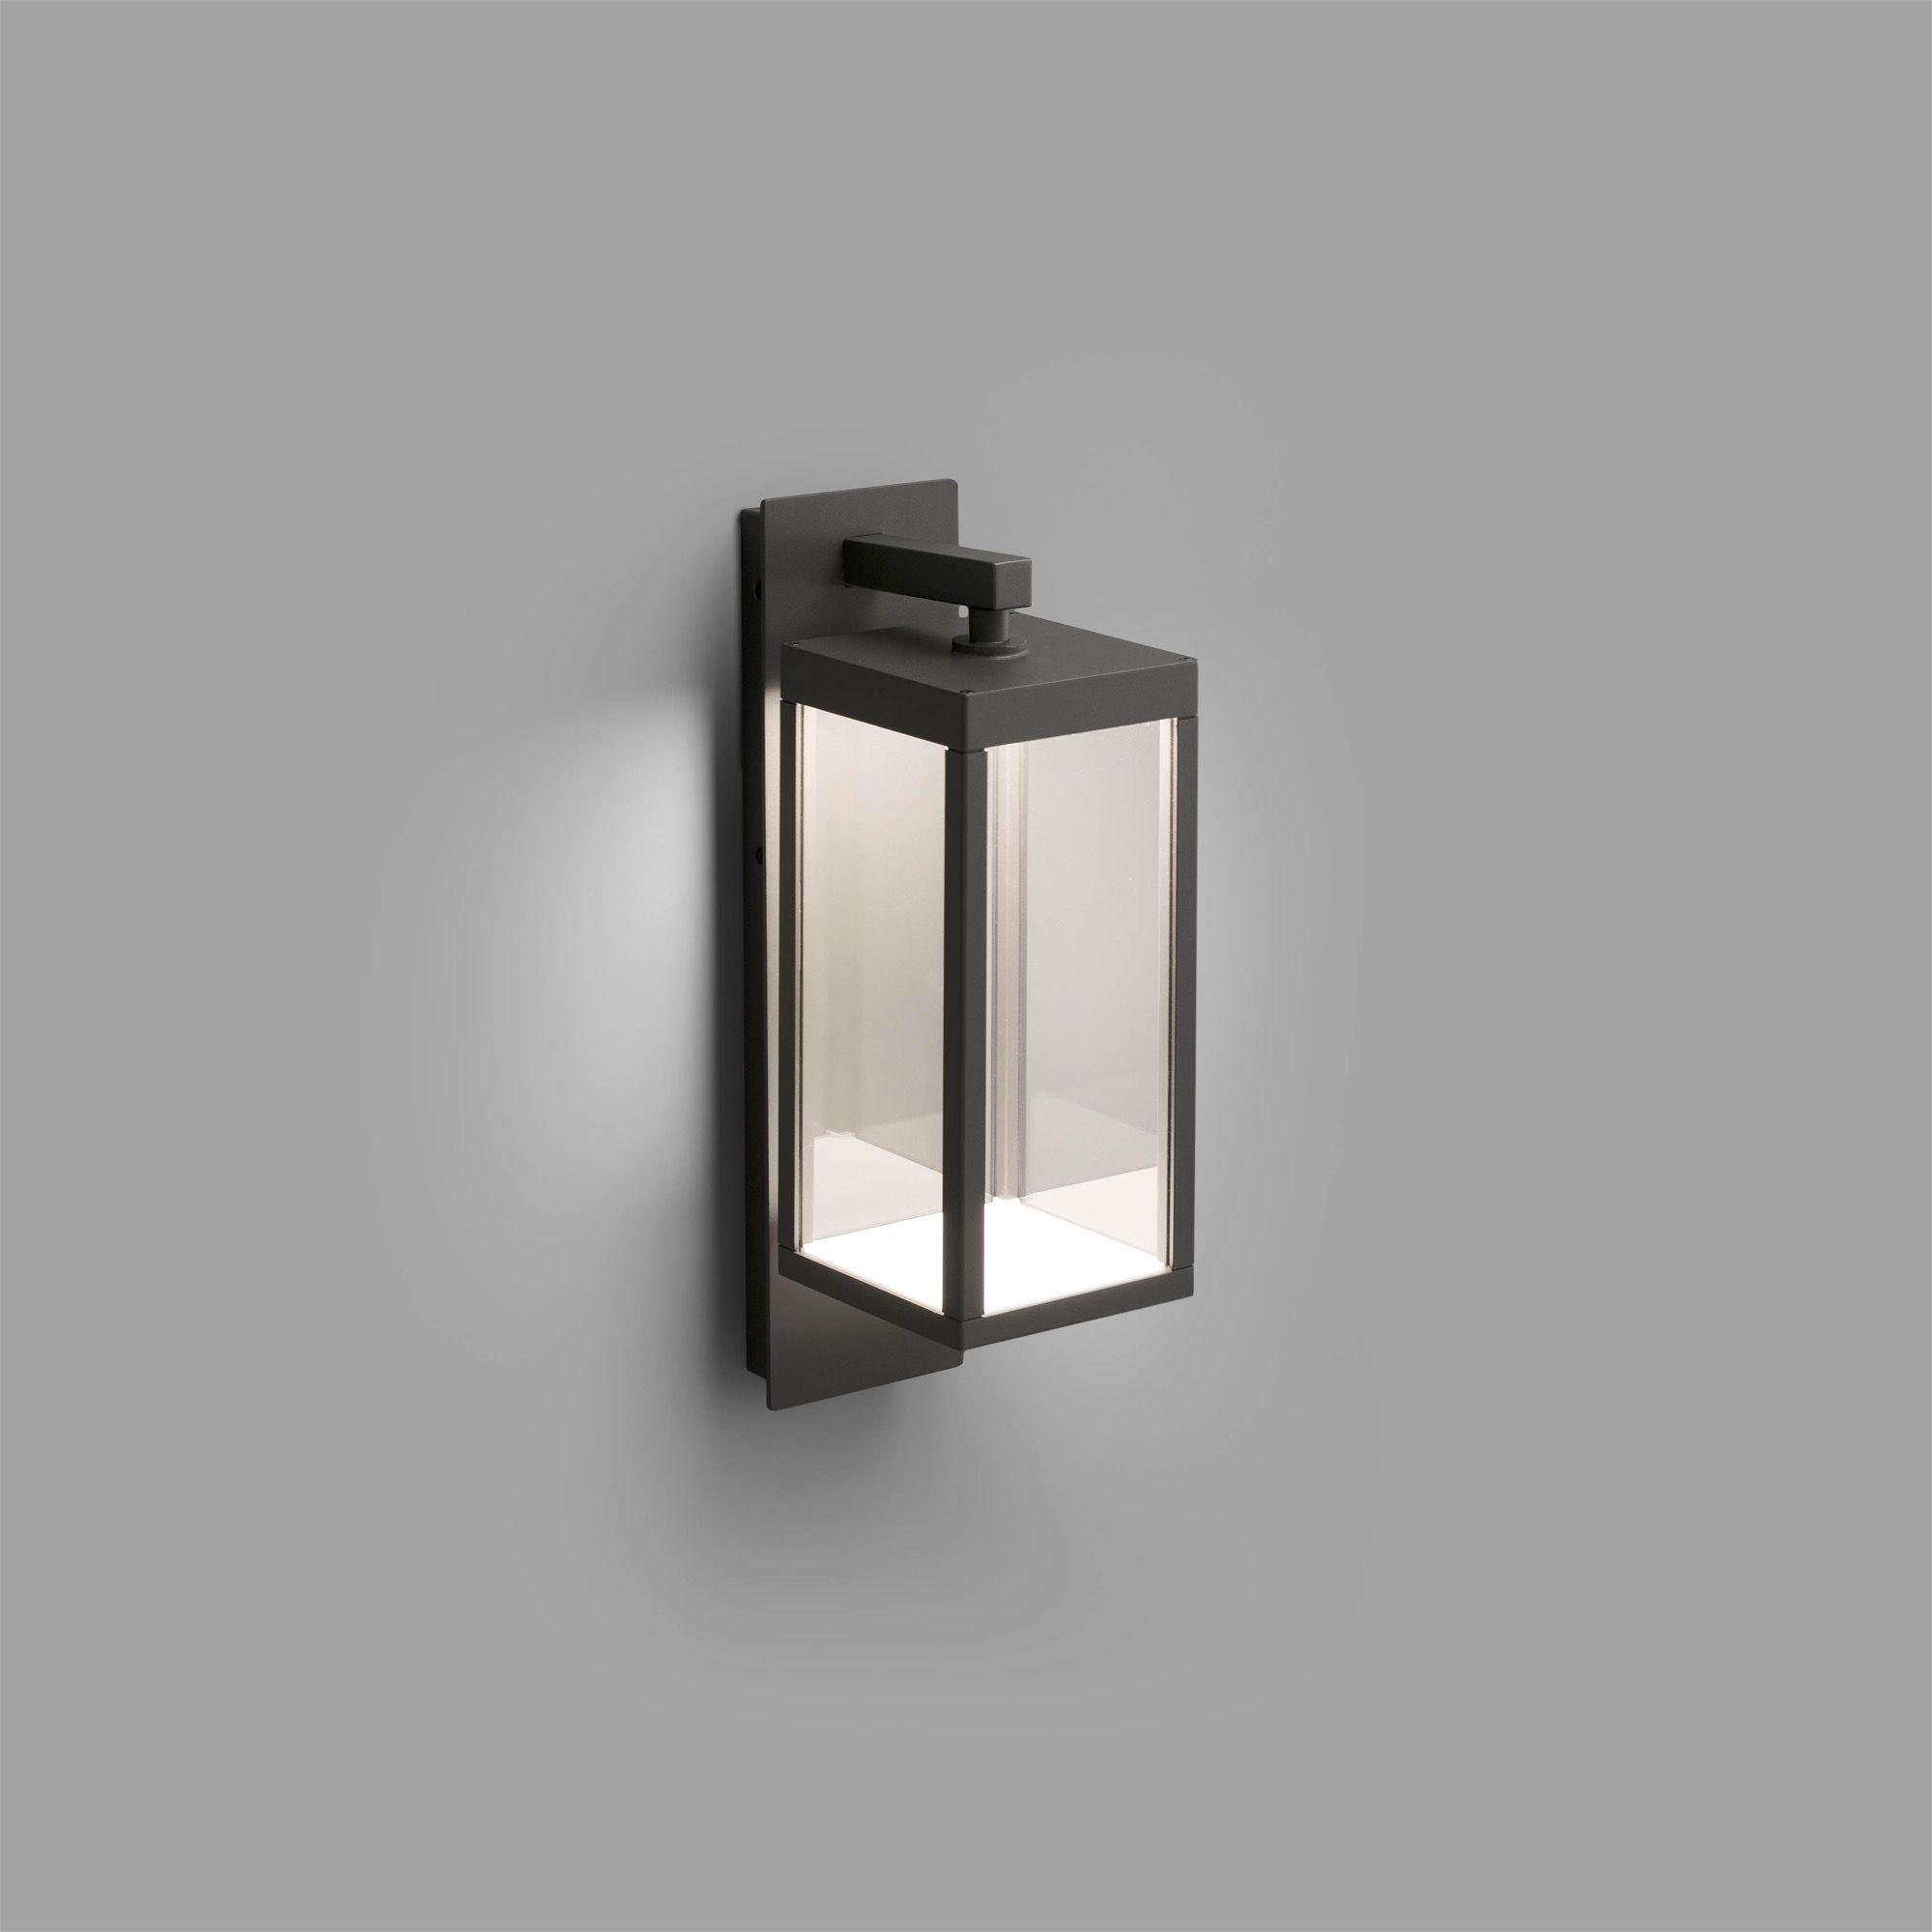 Outdoor Modern Wall Lantern Porch Patio OutSide Light Garden Sensor Contemporary